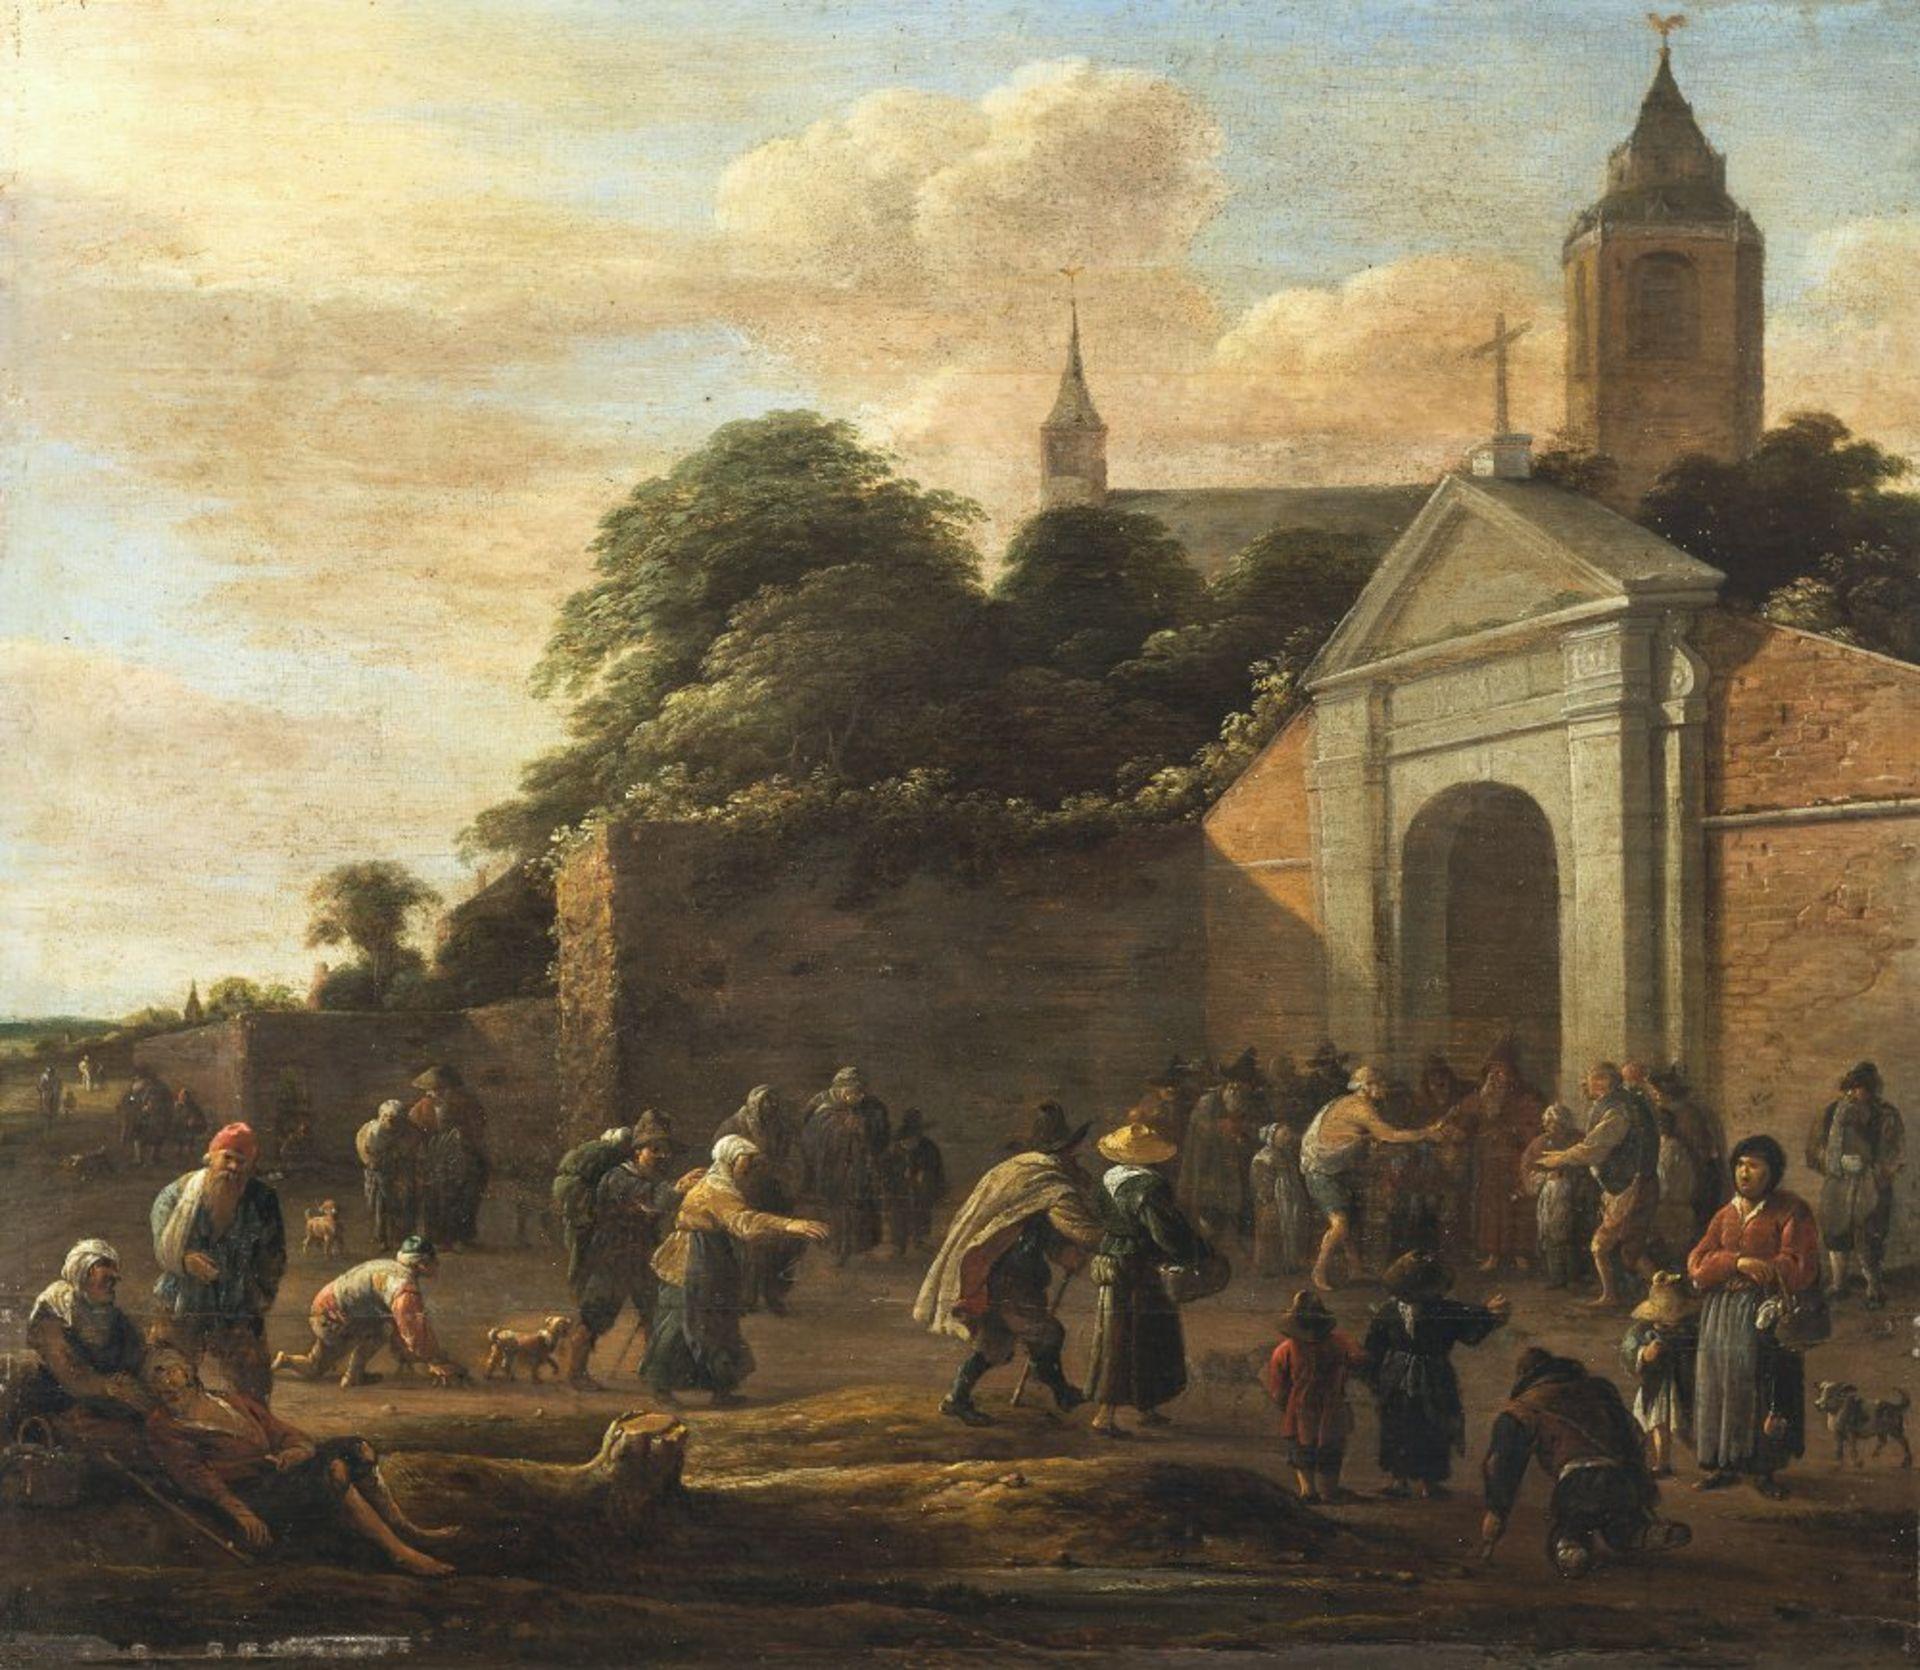 Flämisch, 17. Jh.Die Almosenspende vor dem Kloster. Öl/Holz. 33 x 38,5 cm. Riss, Rest. Unsign.